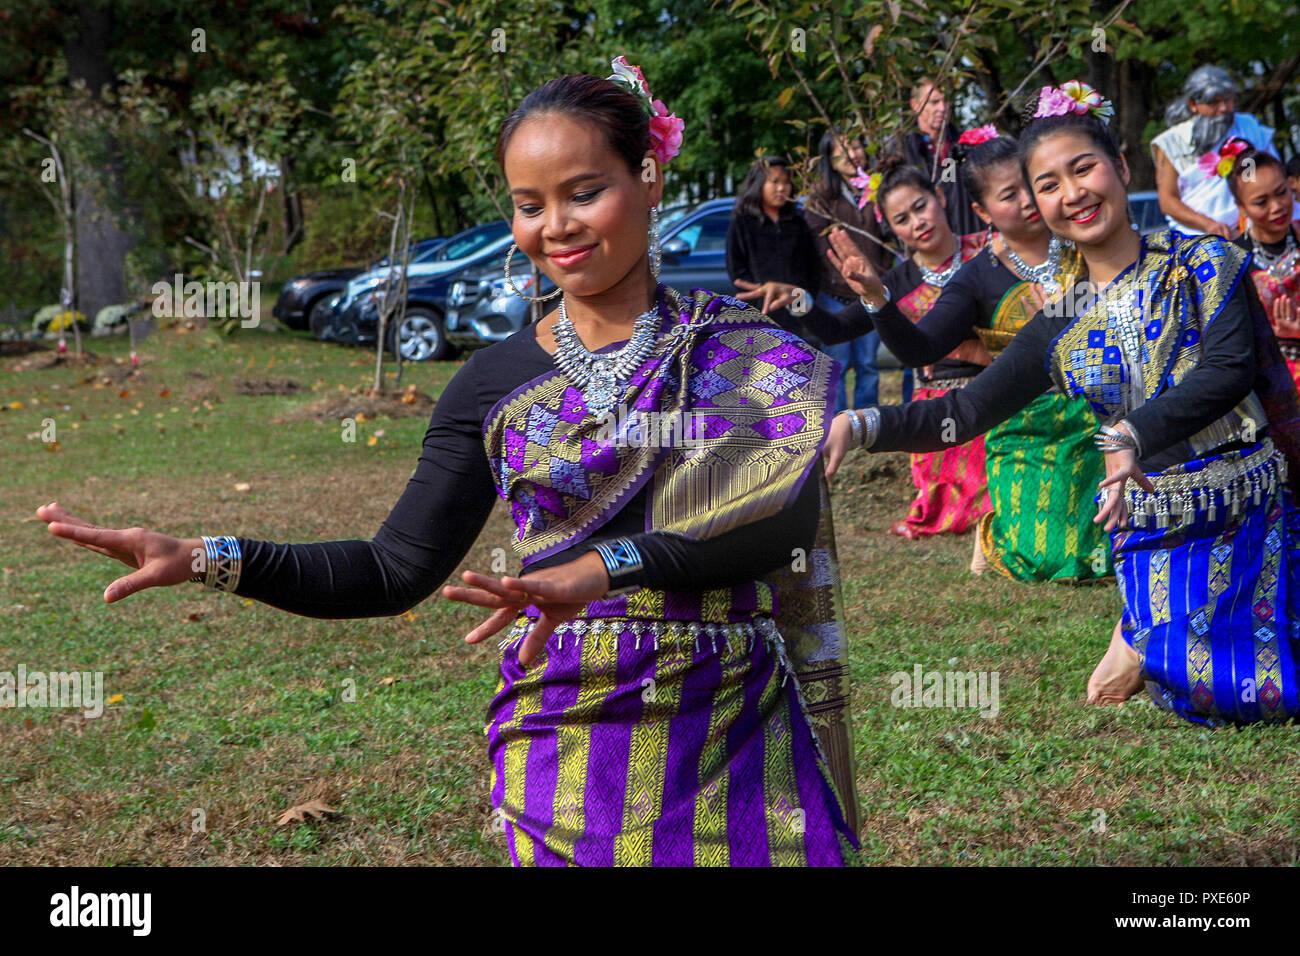 Bedford, MA, USA - 21 Oct 2018: Thai Apsara dancers effectuée à la fin du carême Célébration annuelle tenue au Wat Bouddha Vararam Boston, un temple bouddhiste theravada thaïlandais. Photo Stock